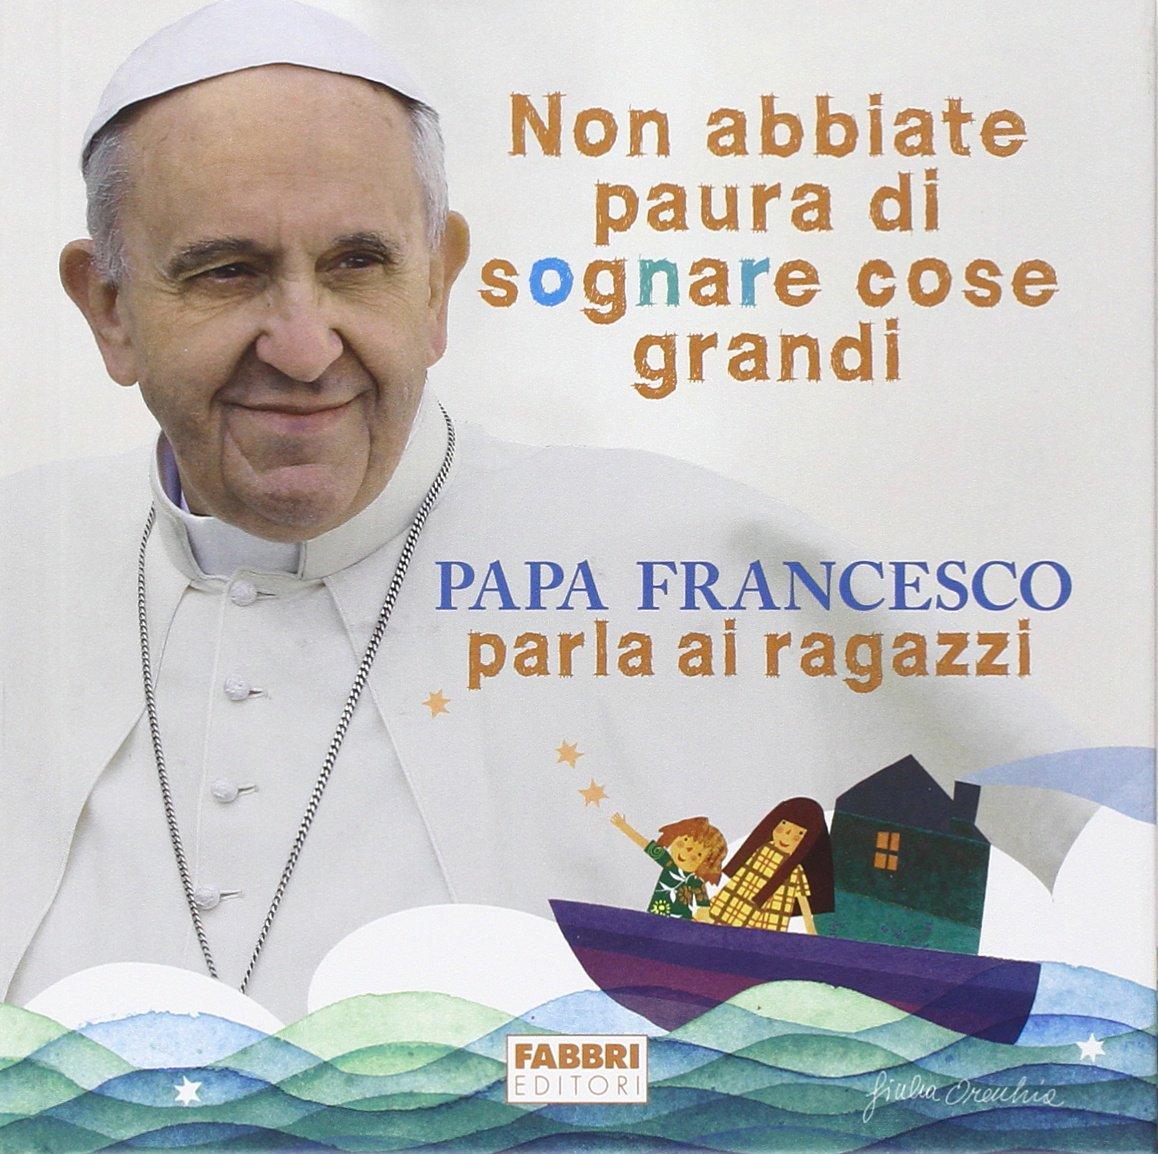 Non Abbiate Paura Di Sognare Cose Grandi Papa Francesco Parla Ai Ragazzi Amazon De Francesco Jorge Mario Bergoglio Orecchia G Fremdsprachige Bucher